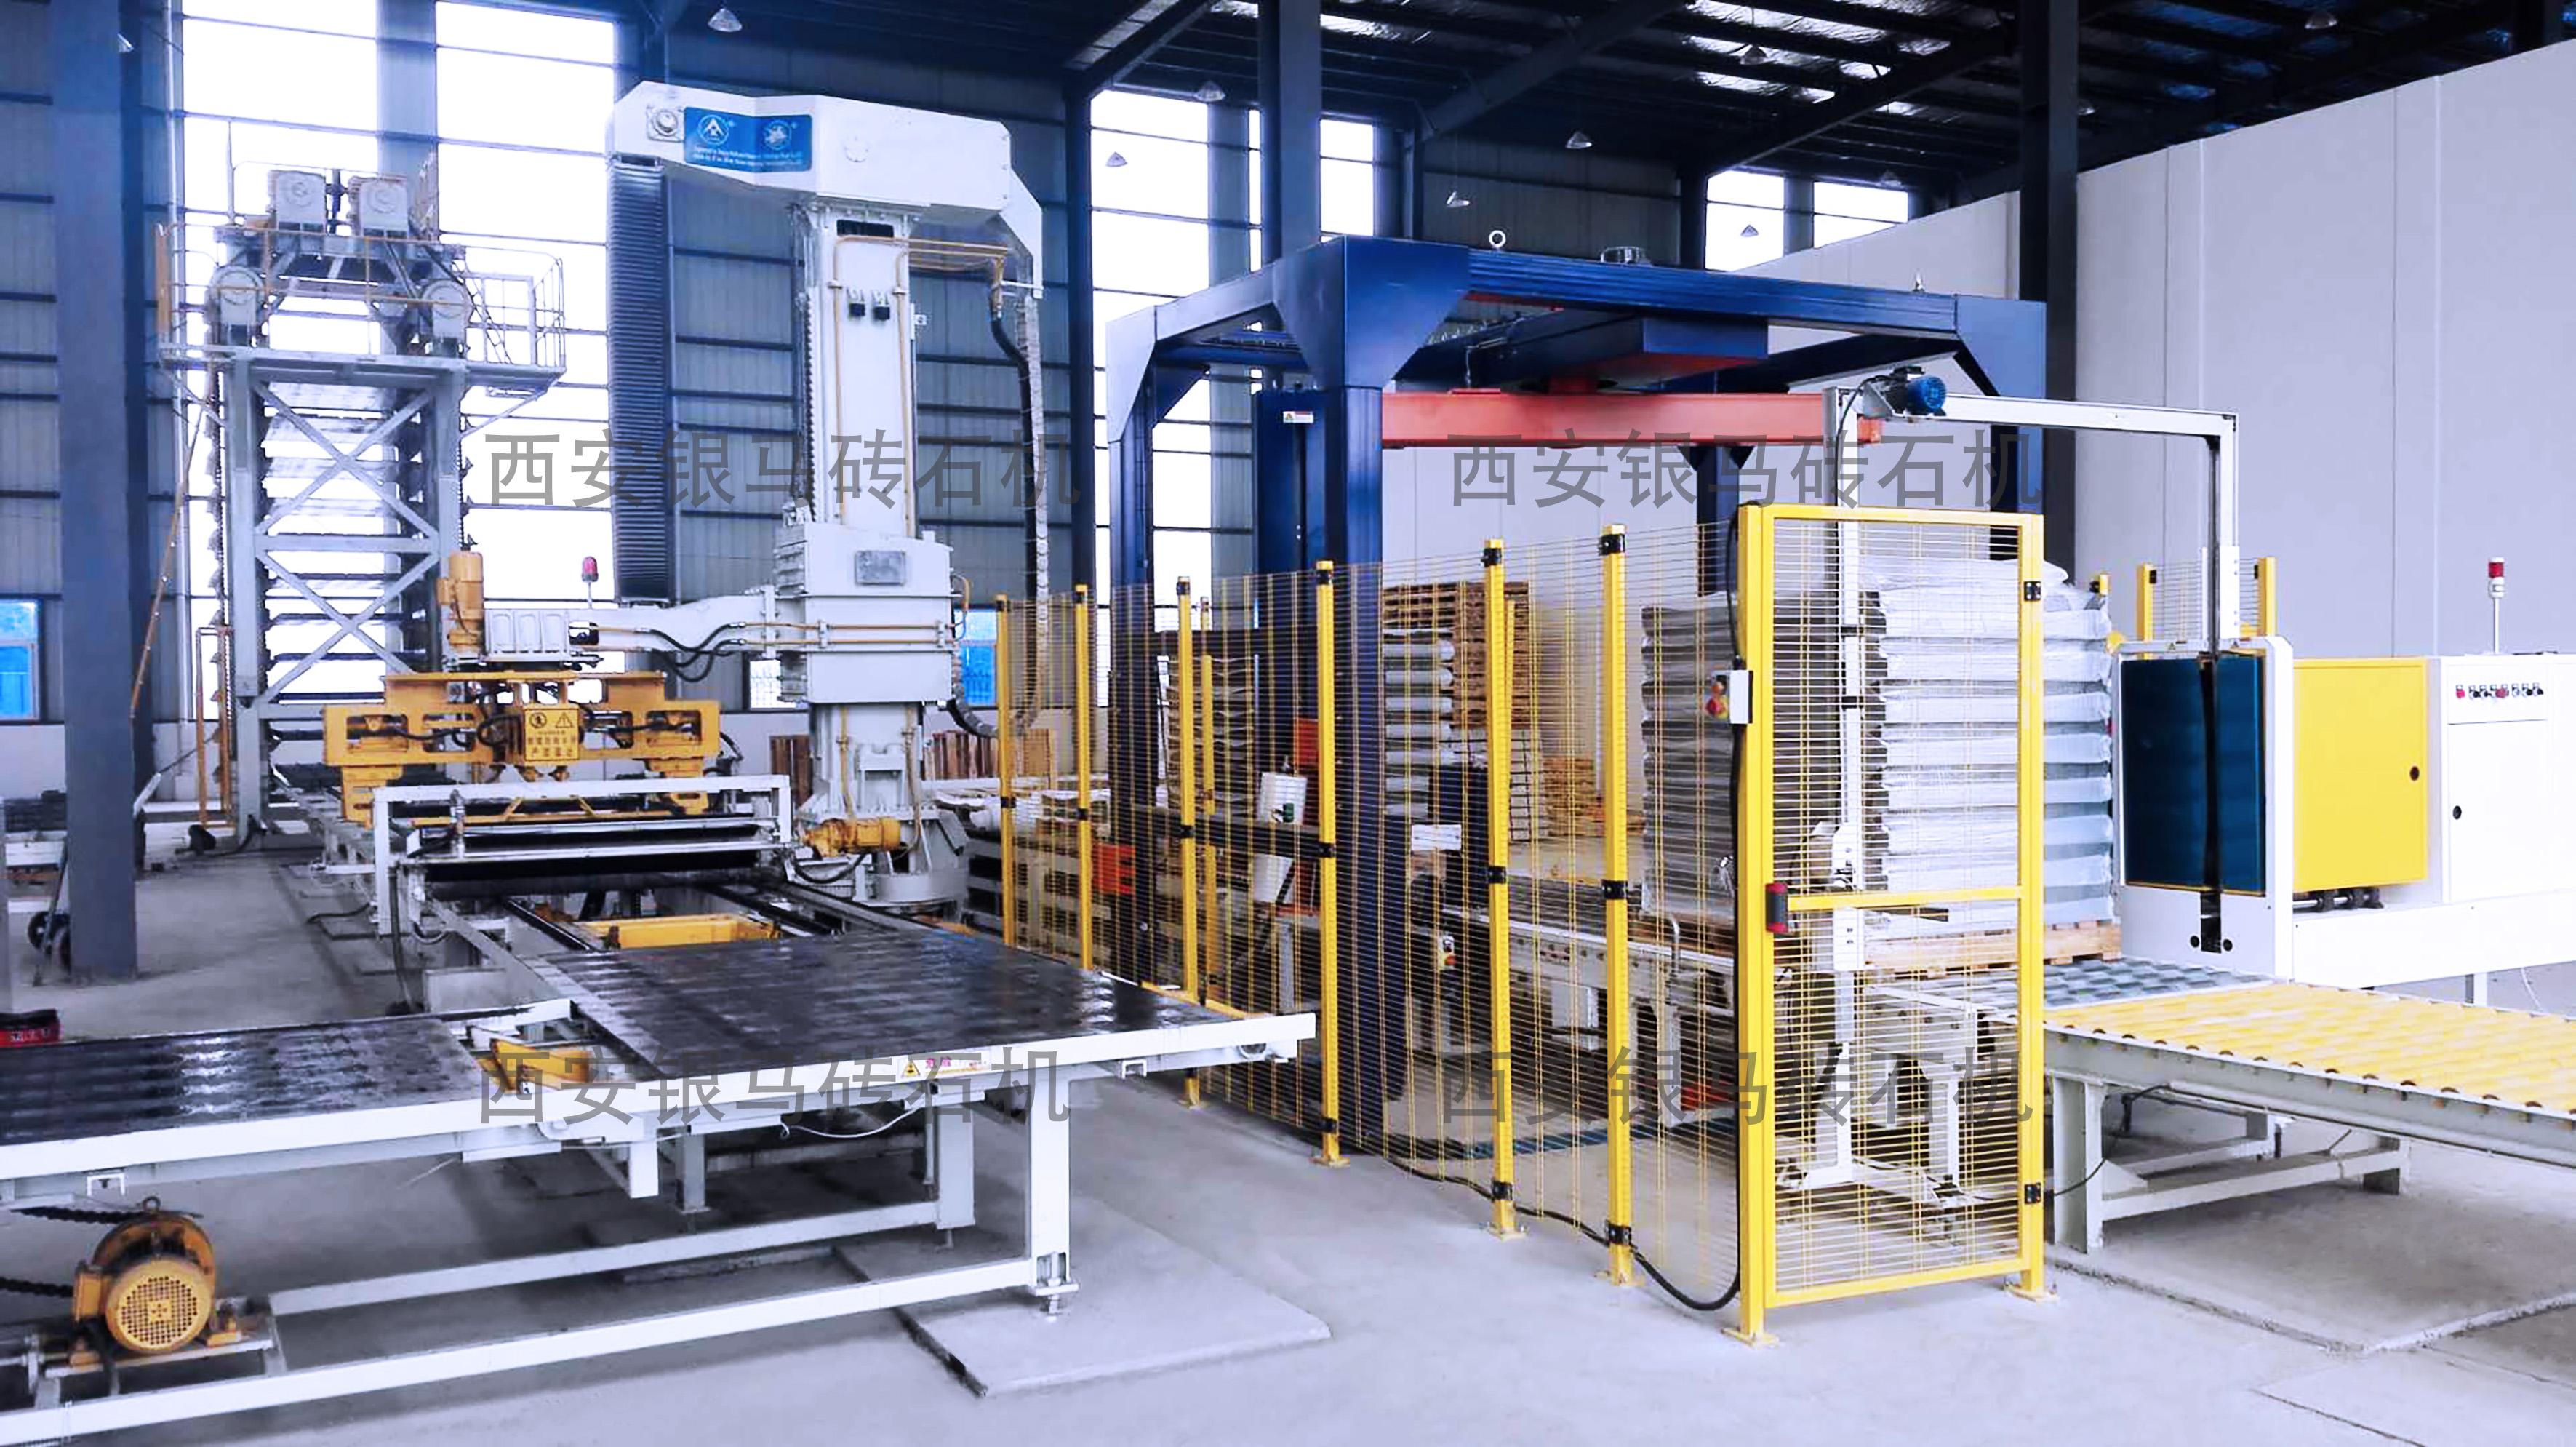 免烧砖全自动砖机:大型利废企业规模化生产高品质制品的选择